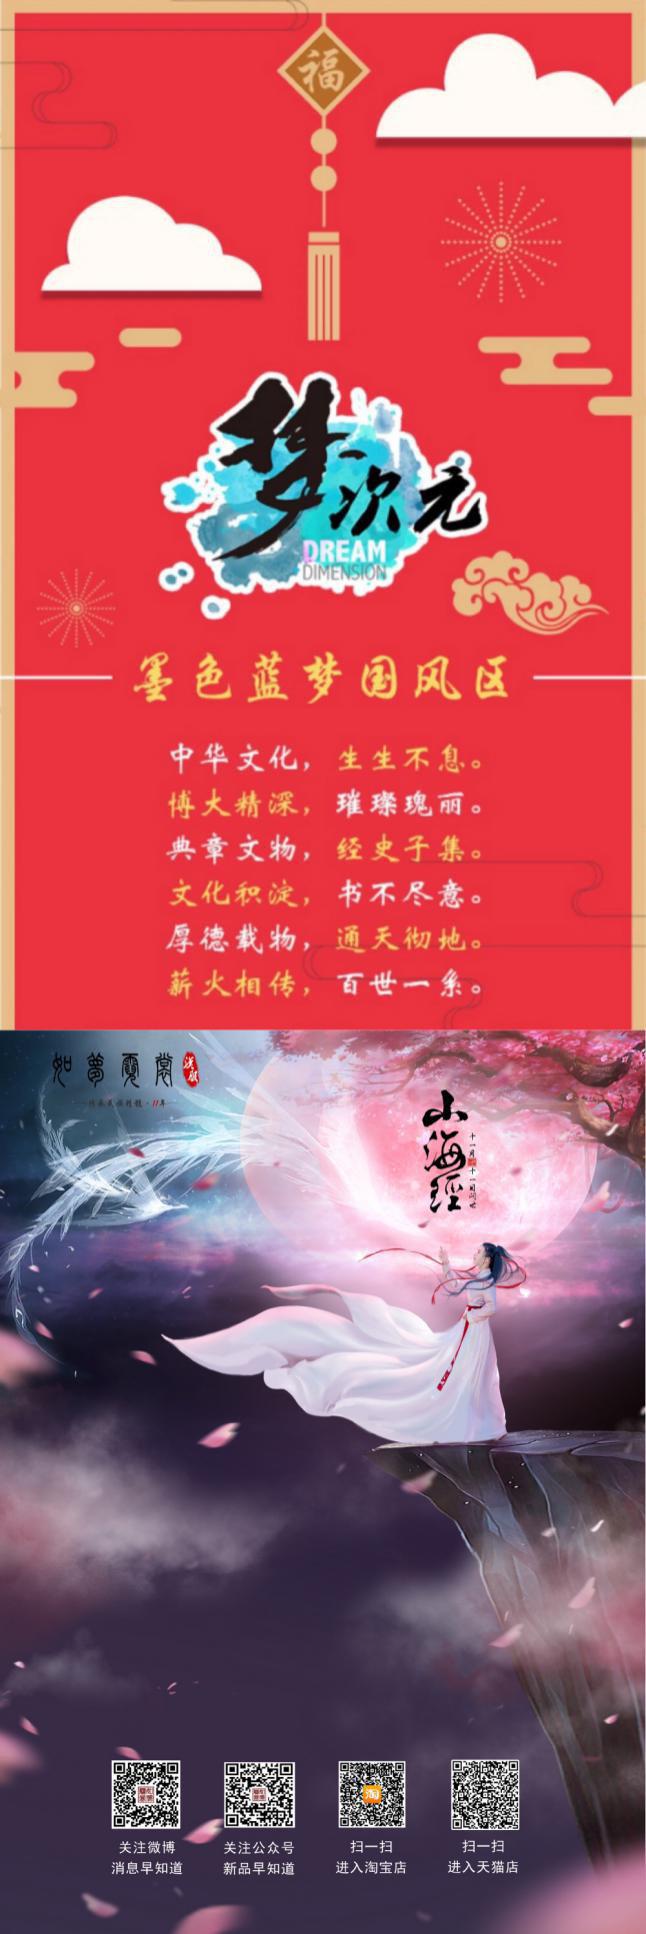 2019年1月26日M20梦次元冬日祭动漫展-今天开始放羊!寒假第一Zhan! 展会活动-第8张